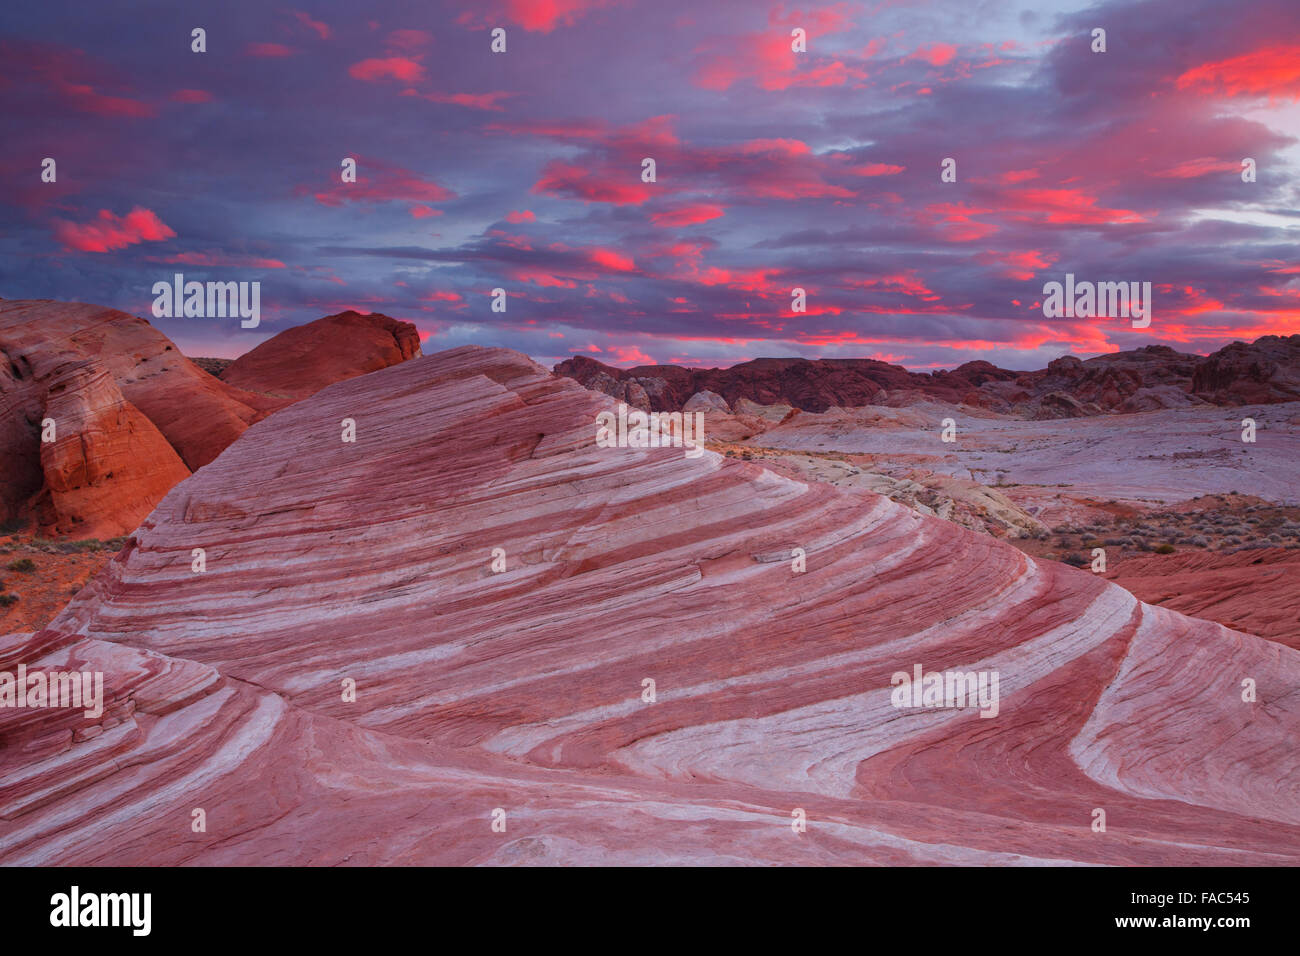 Onda di fuoco, la Valle del Fuoco State Park, vicino a Las Vegas, Nevada. Immagini Stock